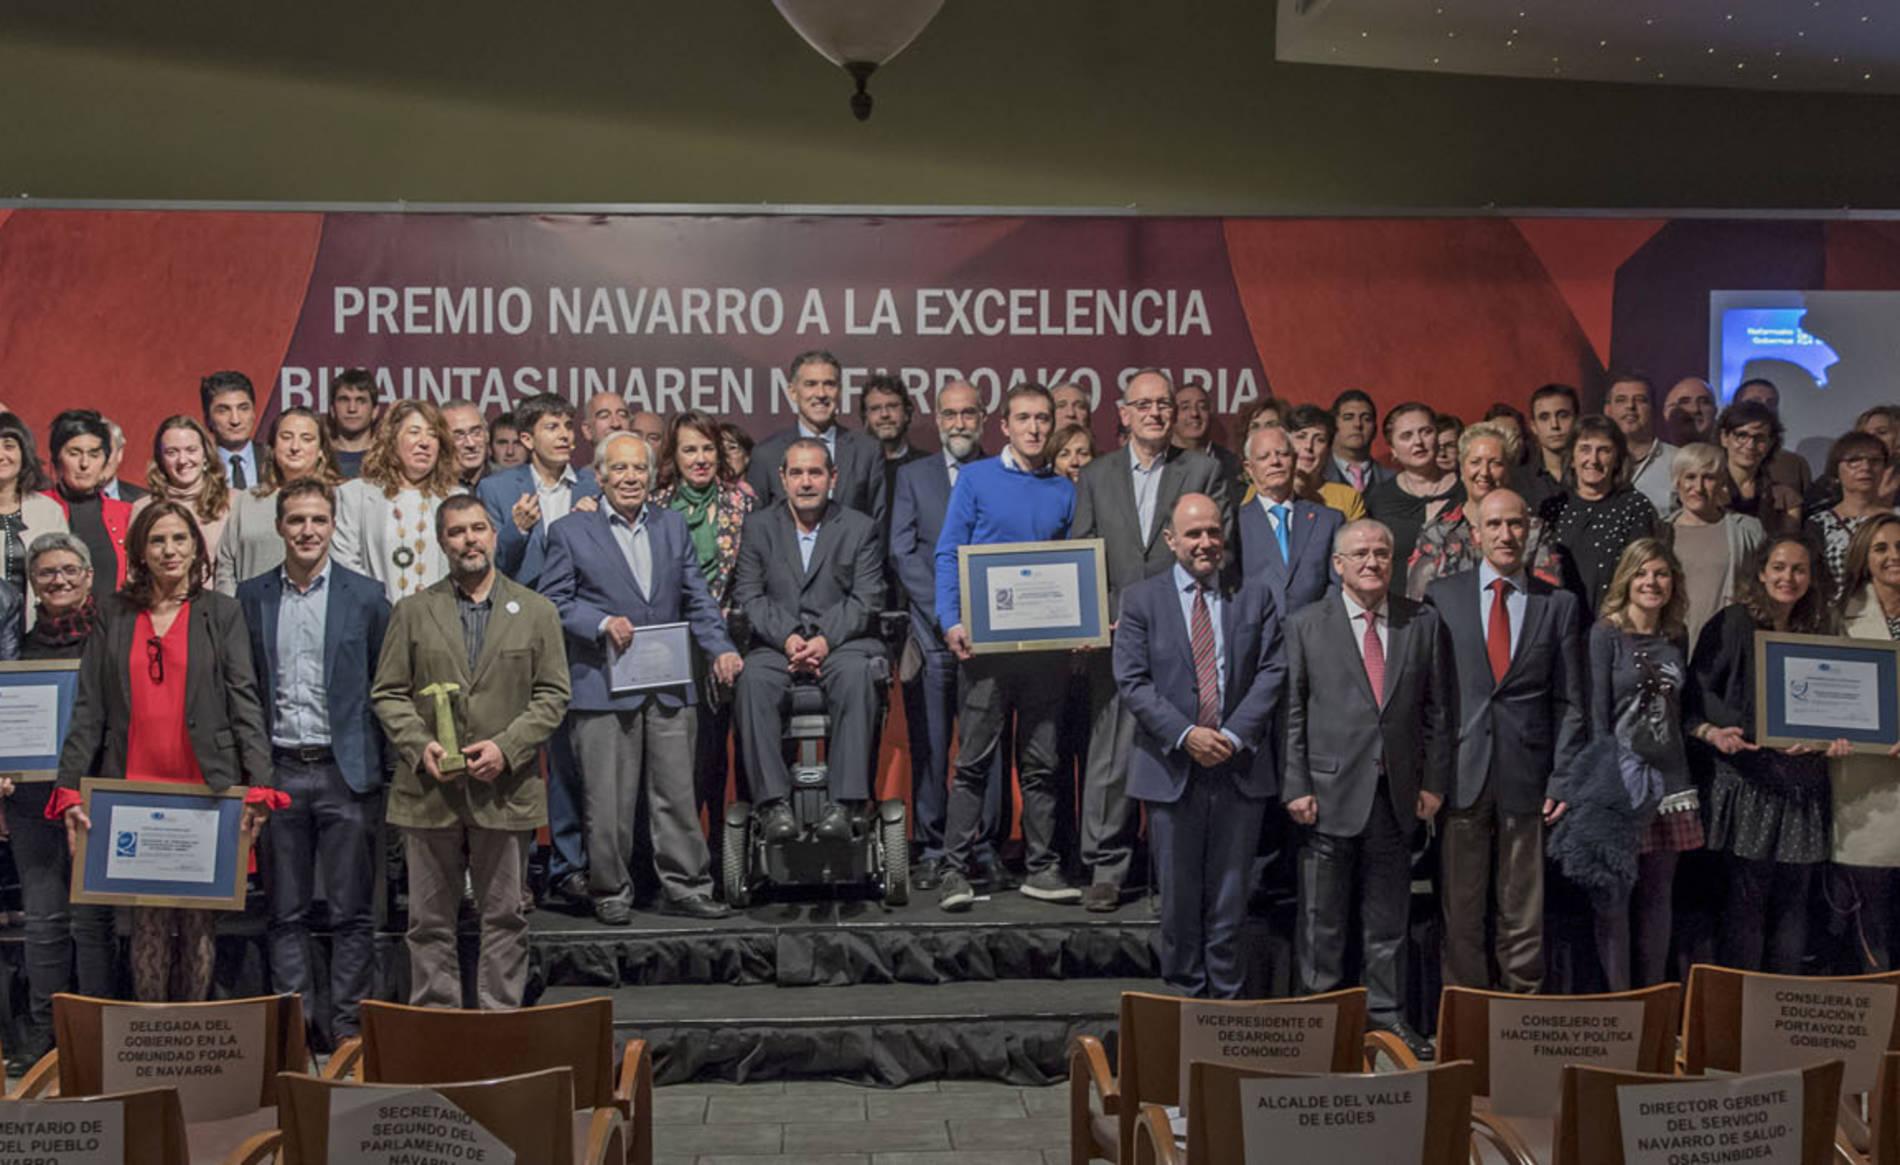 Premios a la Excelencia 2017 (1/55) - Acto de entrega de los Premios a la Excelencia que otorga la Fundación Navarra para la Excelencia. - DN Management -